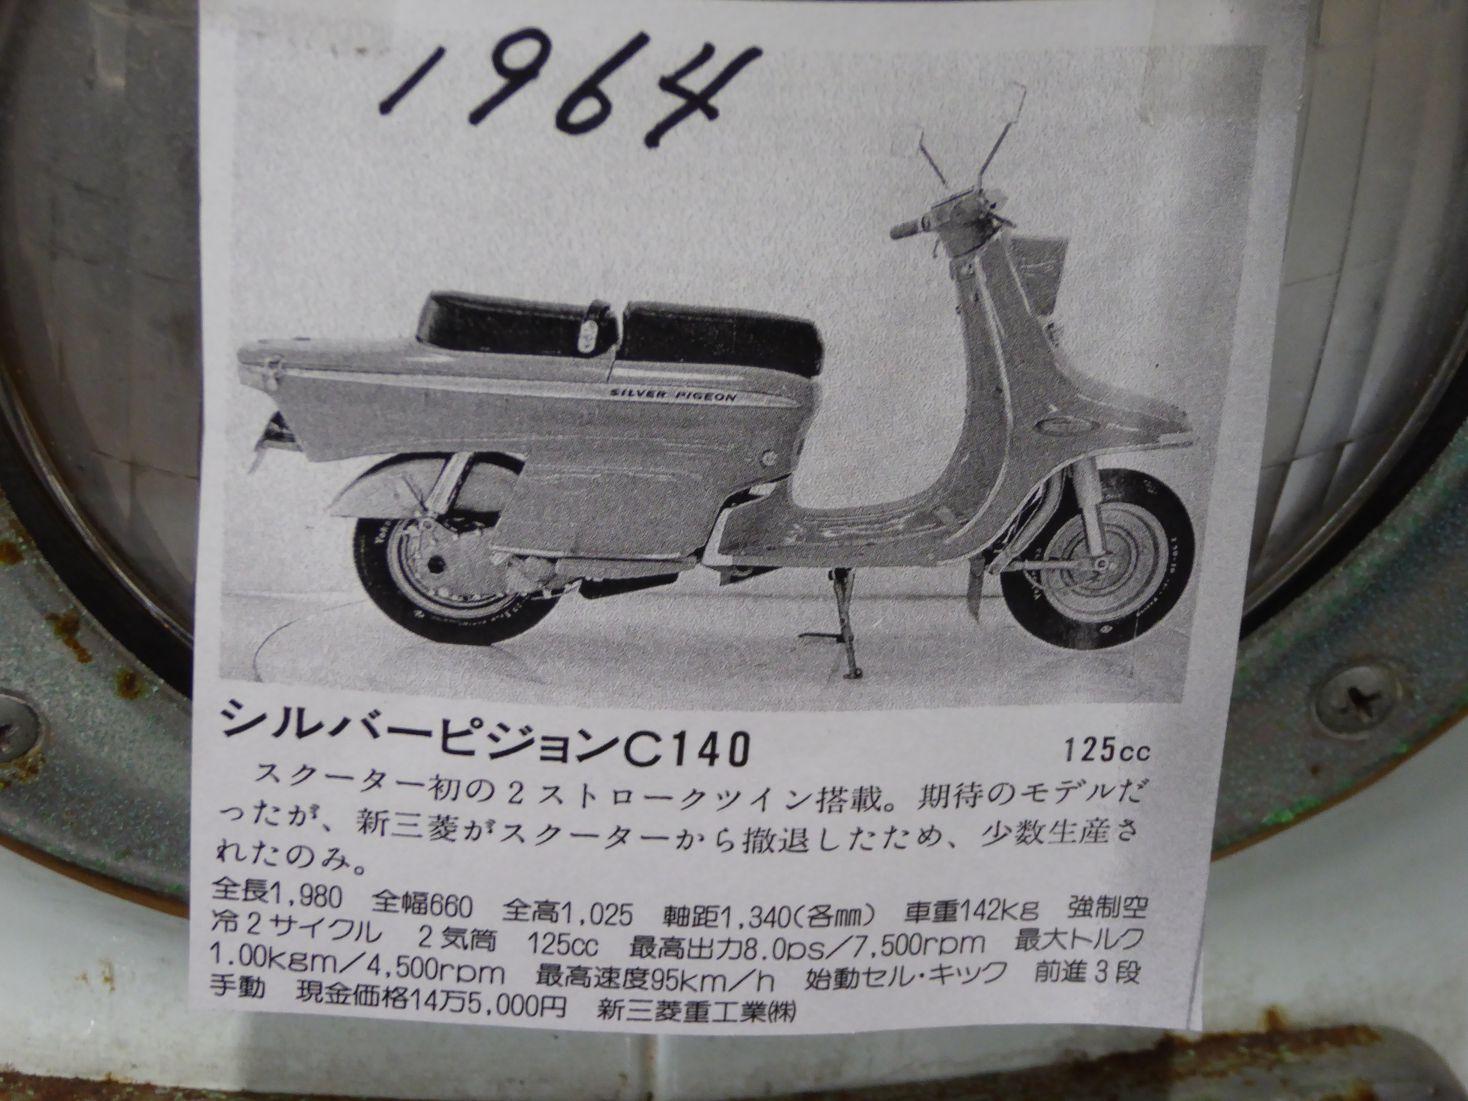 シルバーピジョンC140